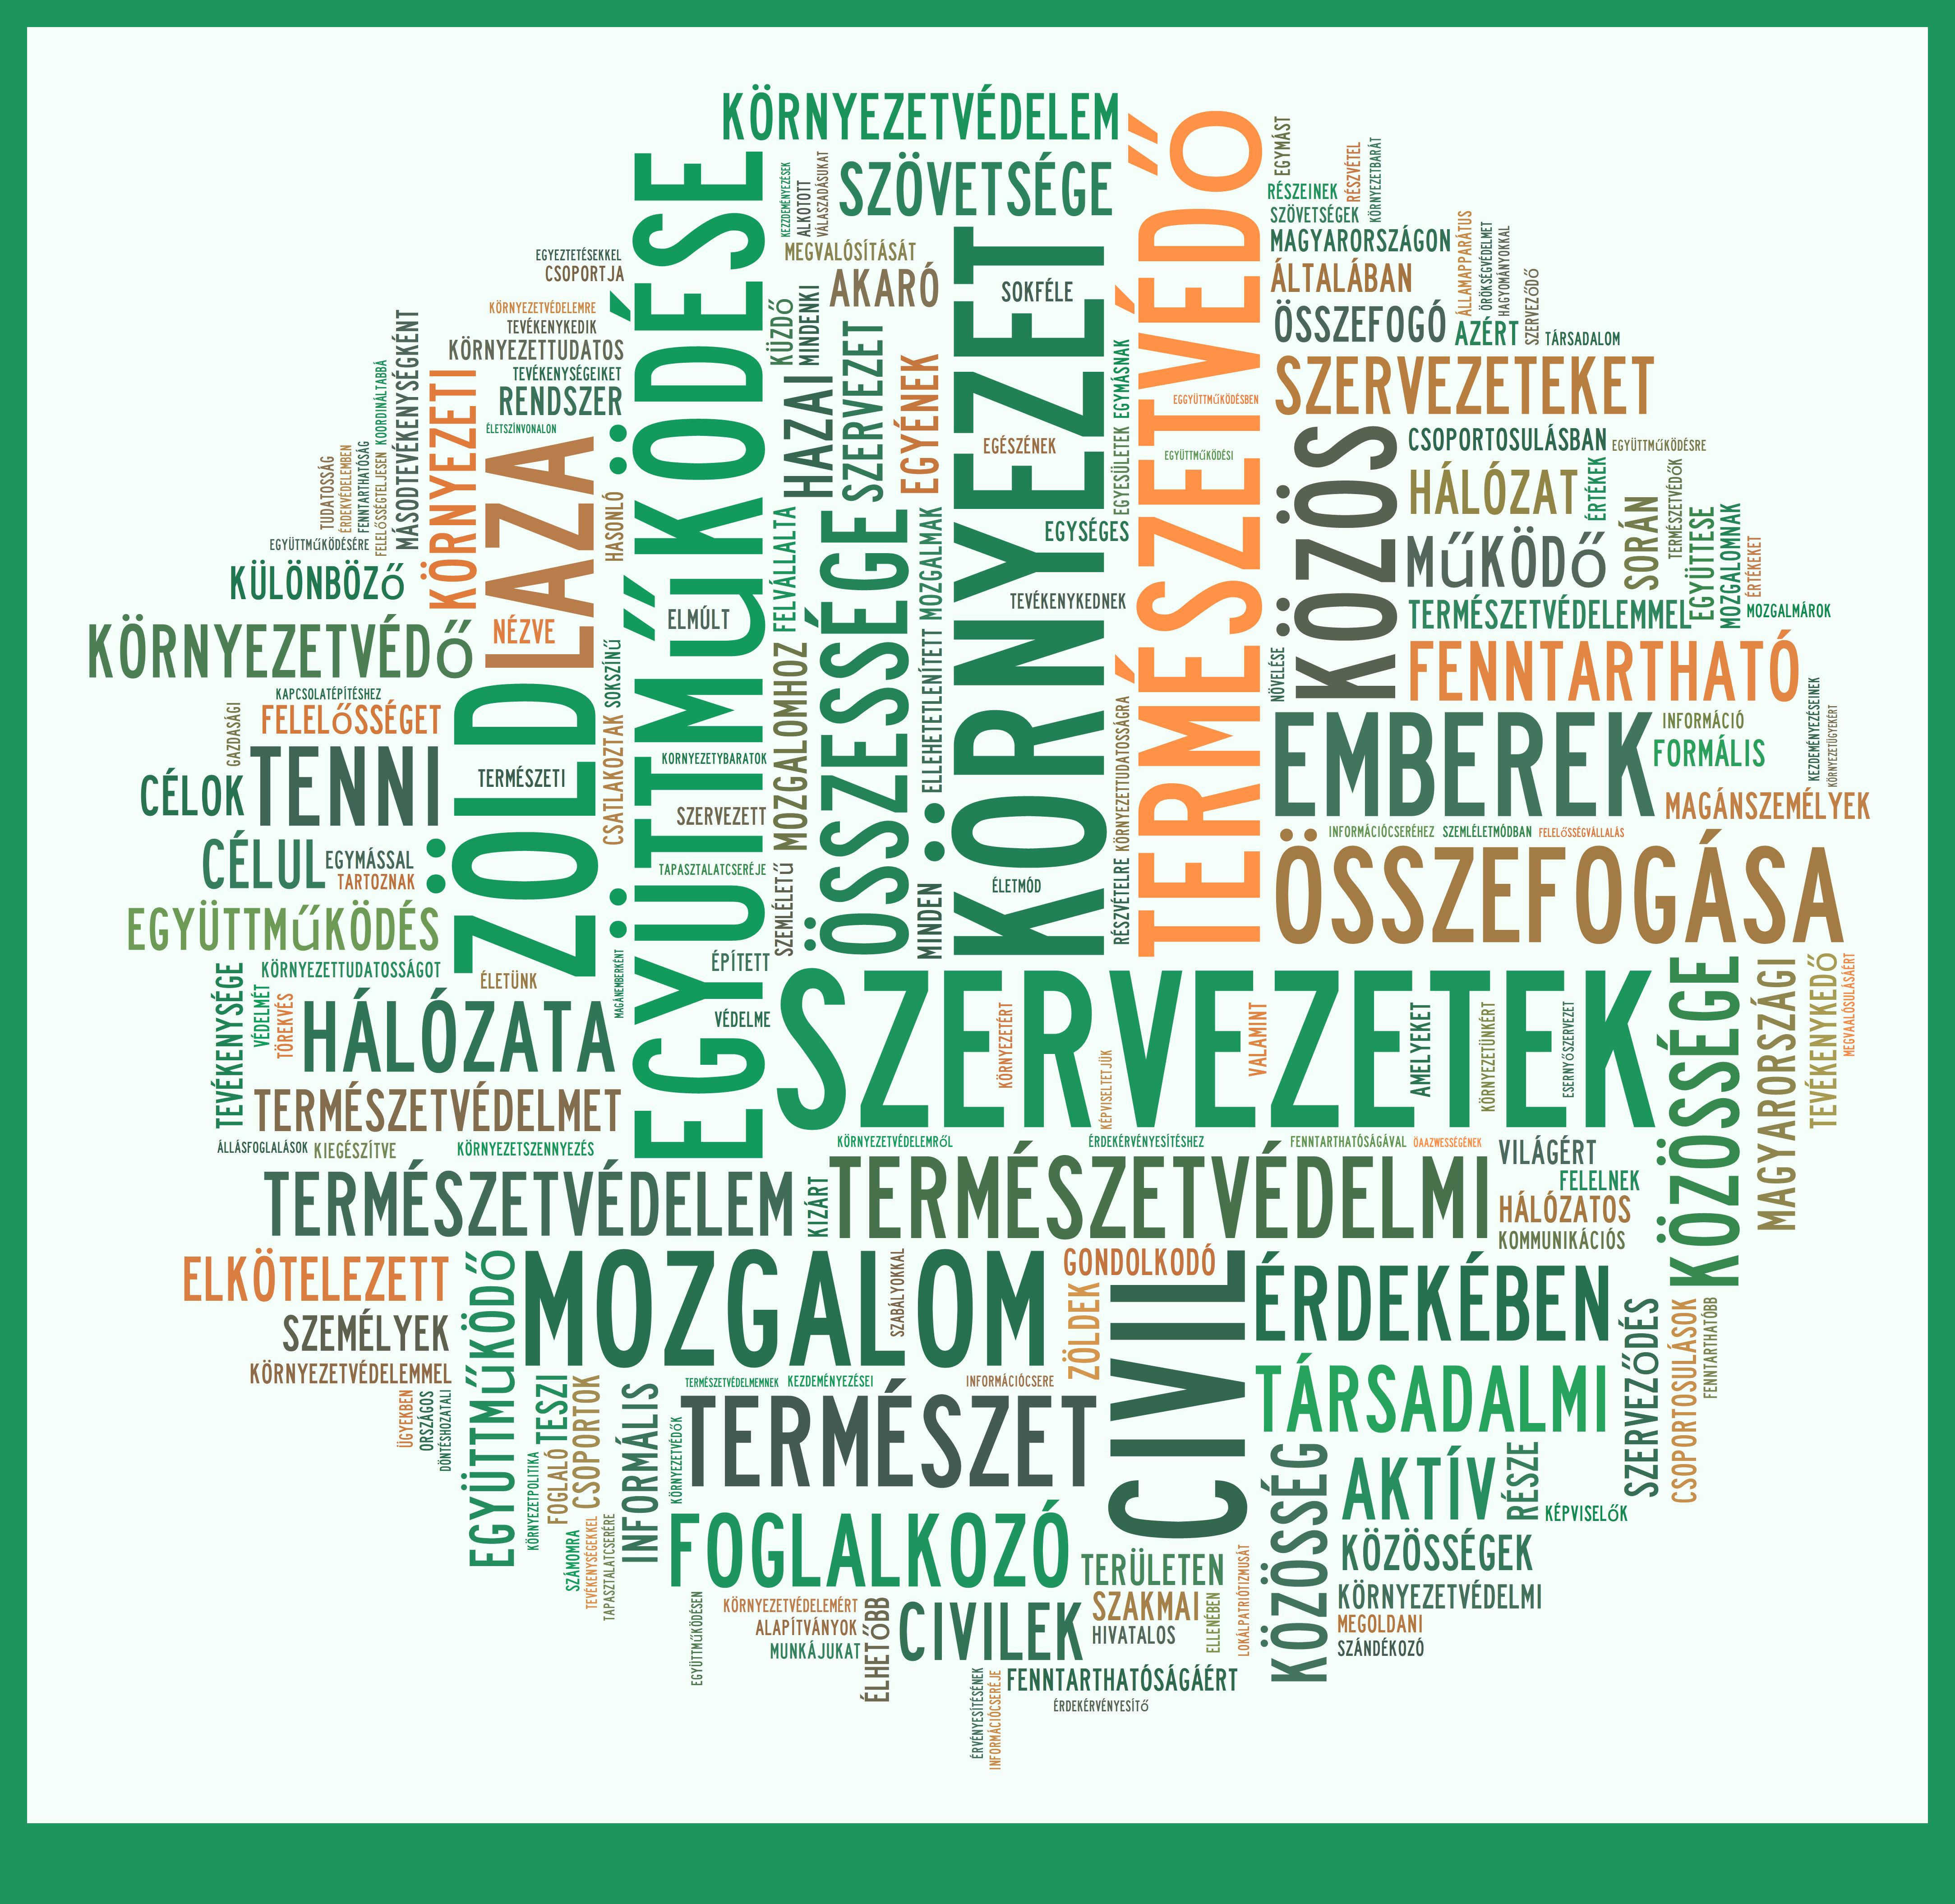 A magyarországi zöld mozgalom fejlesztése és megújítása – jelen és jövőkép